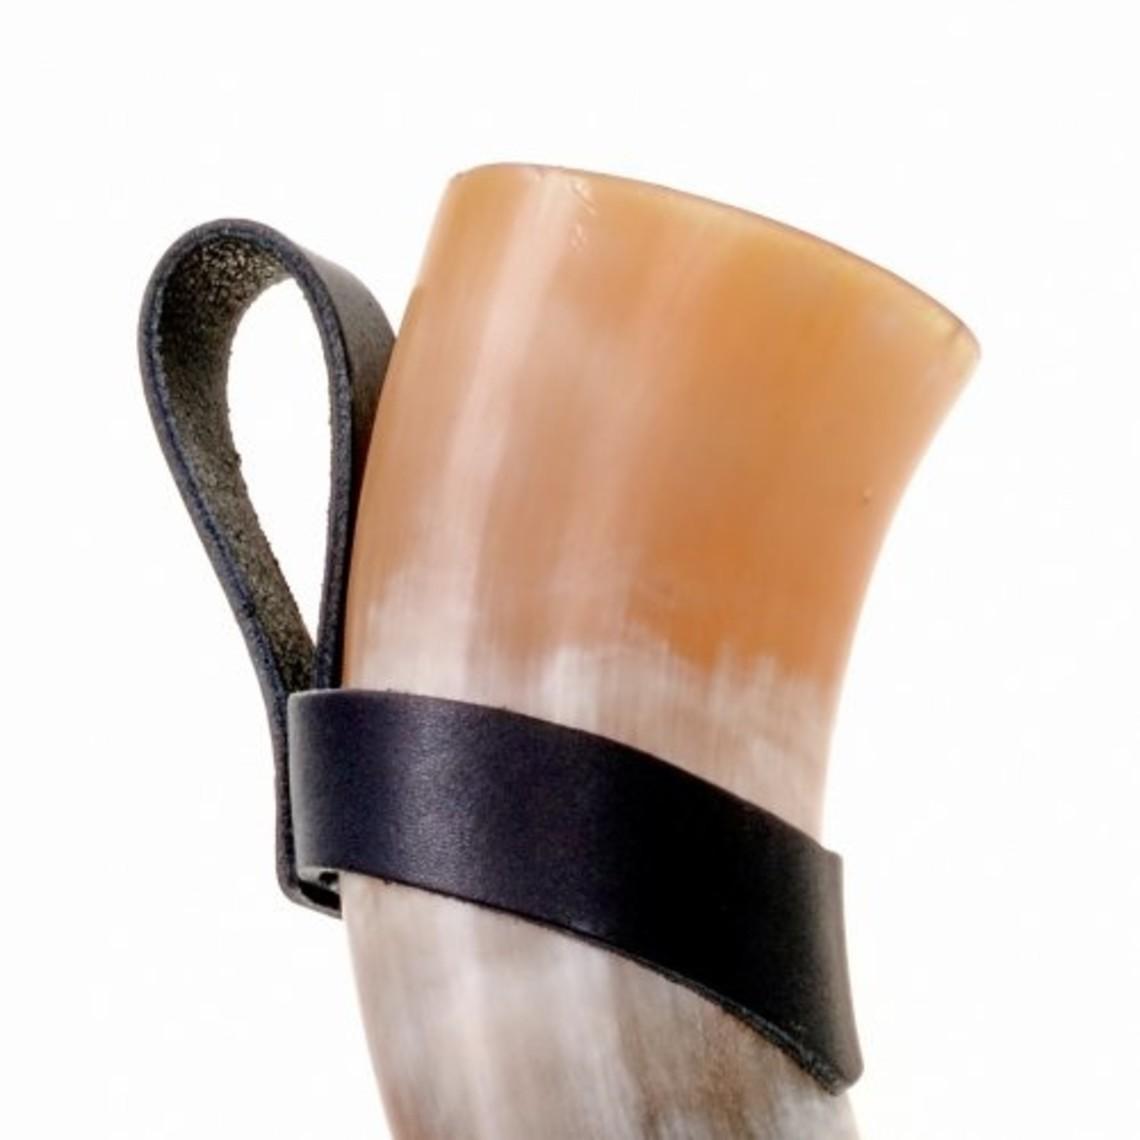 beber de cuero cuerno titular de 0,1-0,2 L, marrón